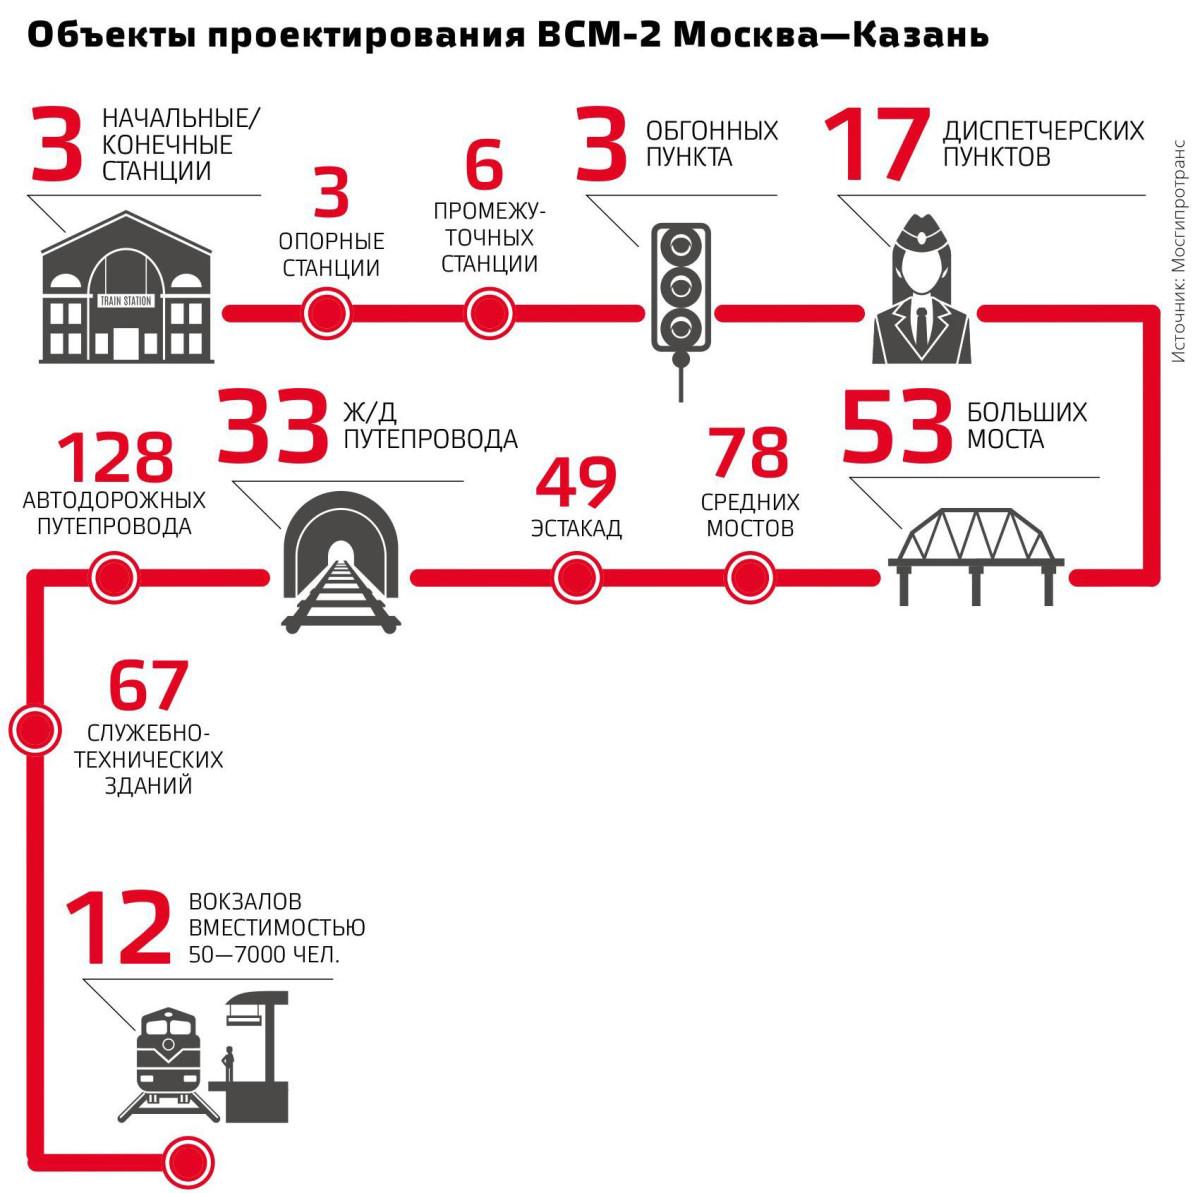 Объекты проектирования ВСМ-2 Москва—Казань